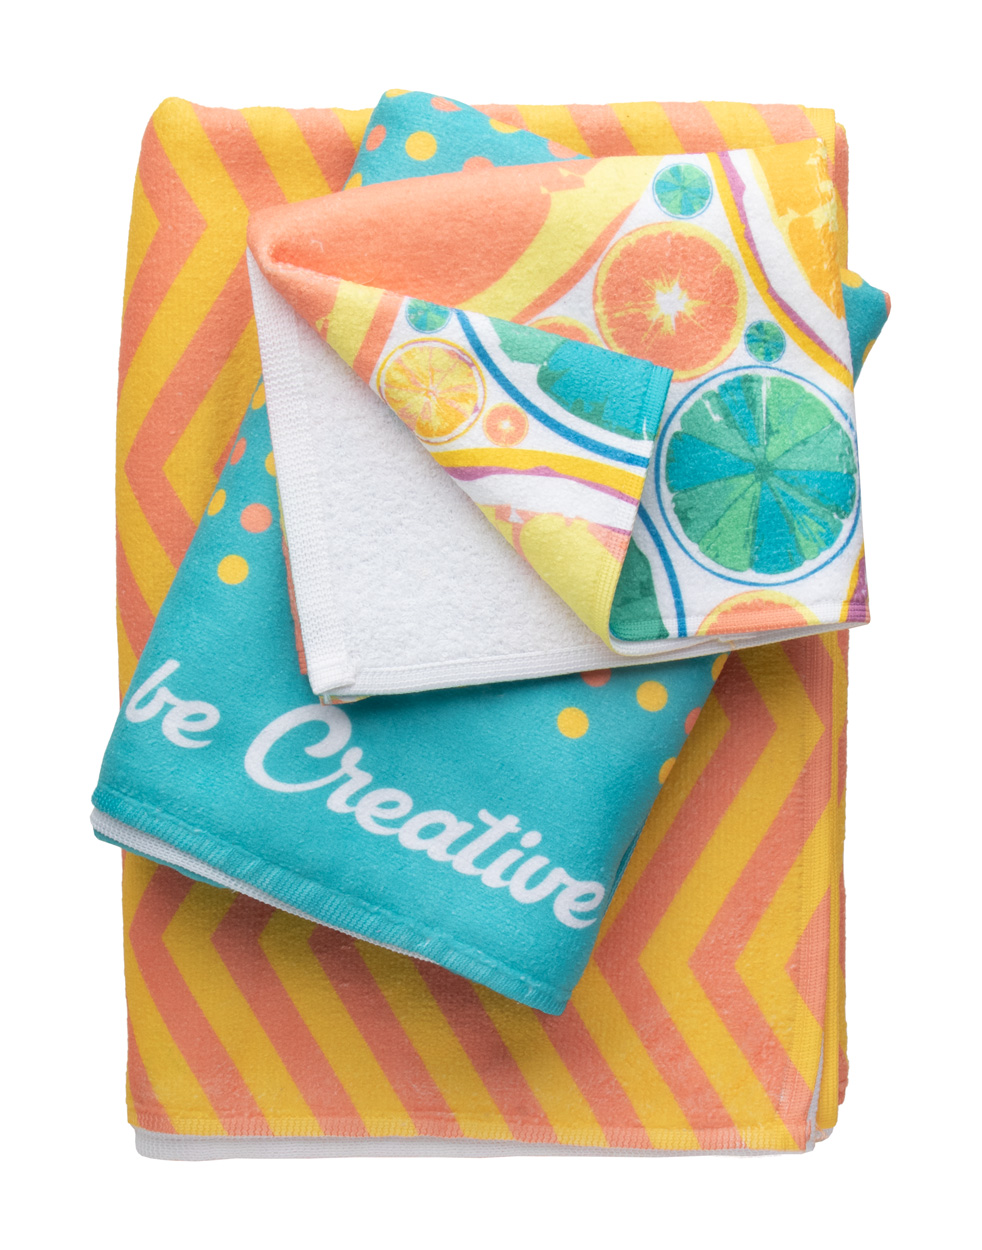 CreaTowel S asciugamano in sublimazione